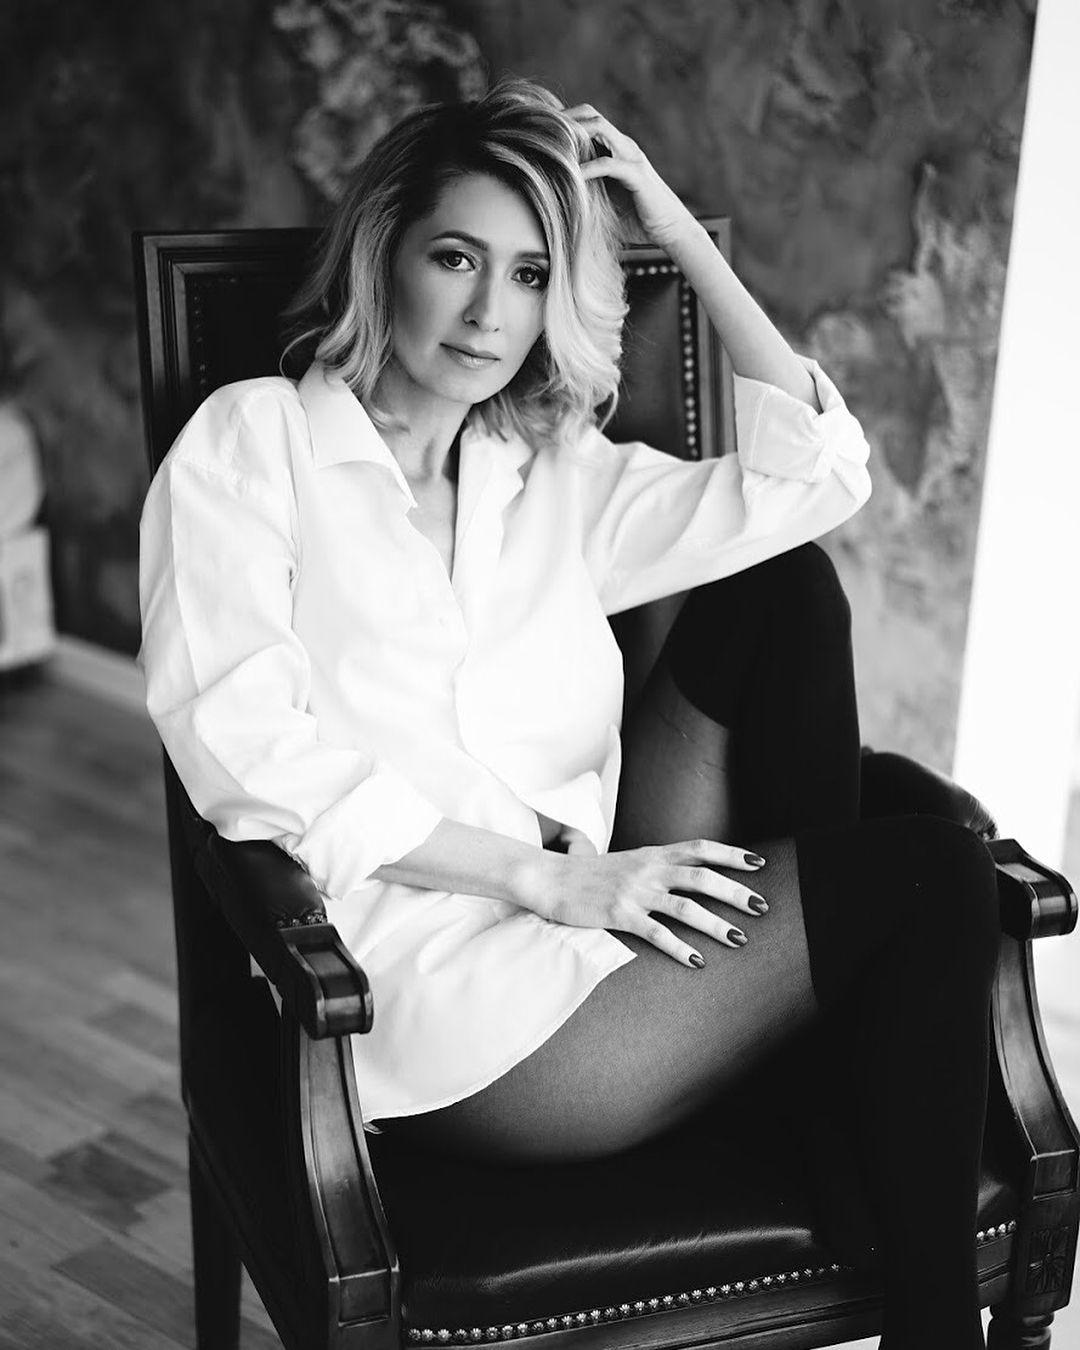 Фотодевушка модель вакансии киев веб девушка модель разоблачение